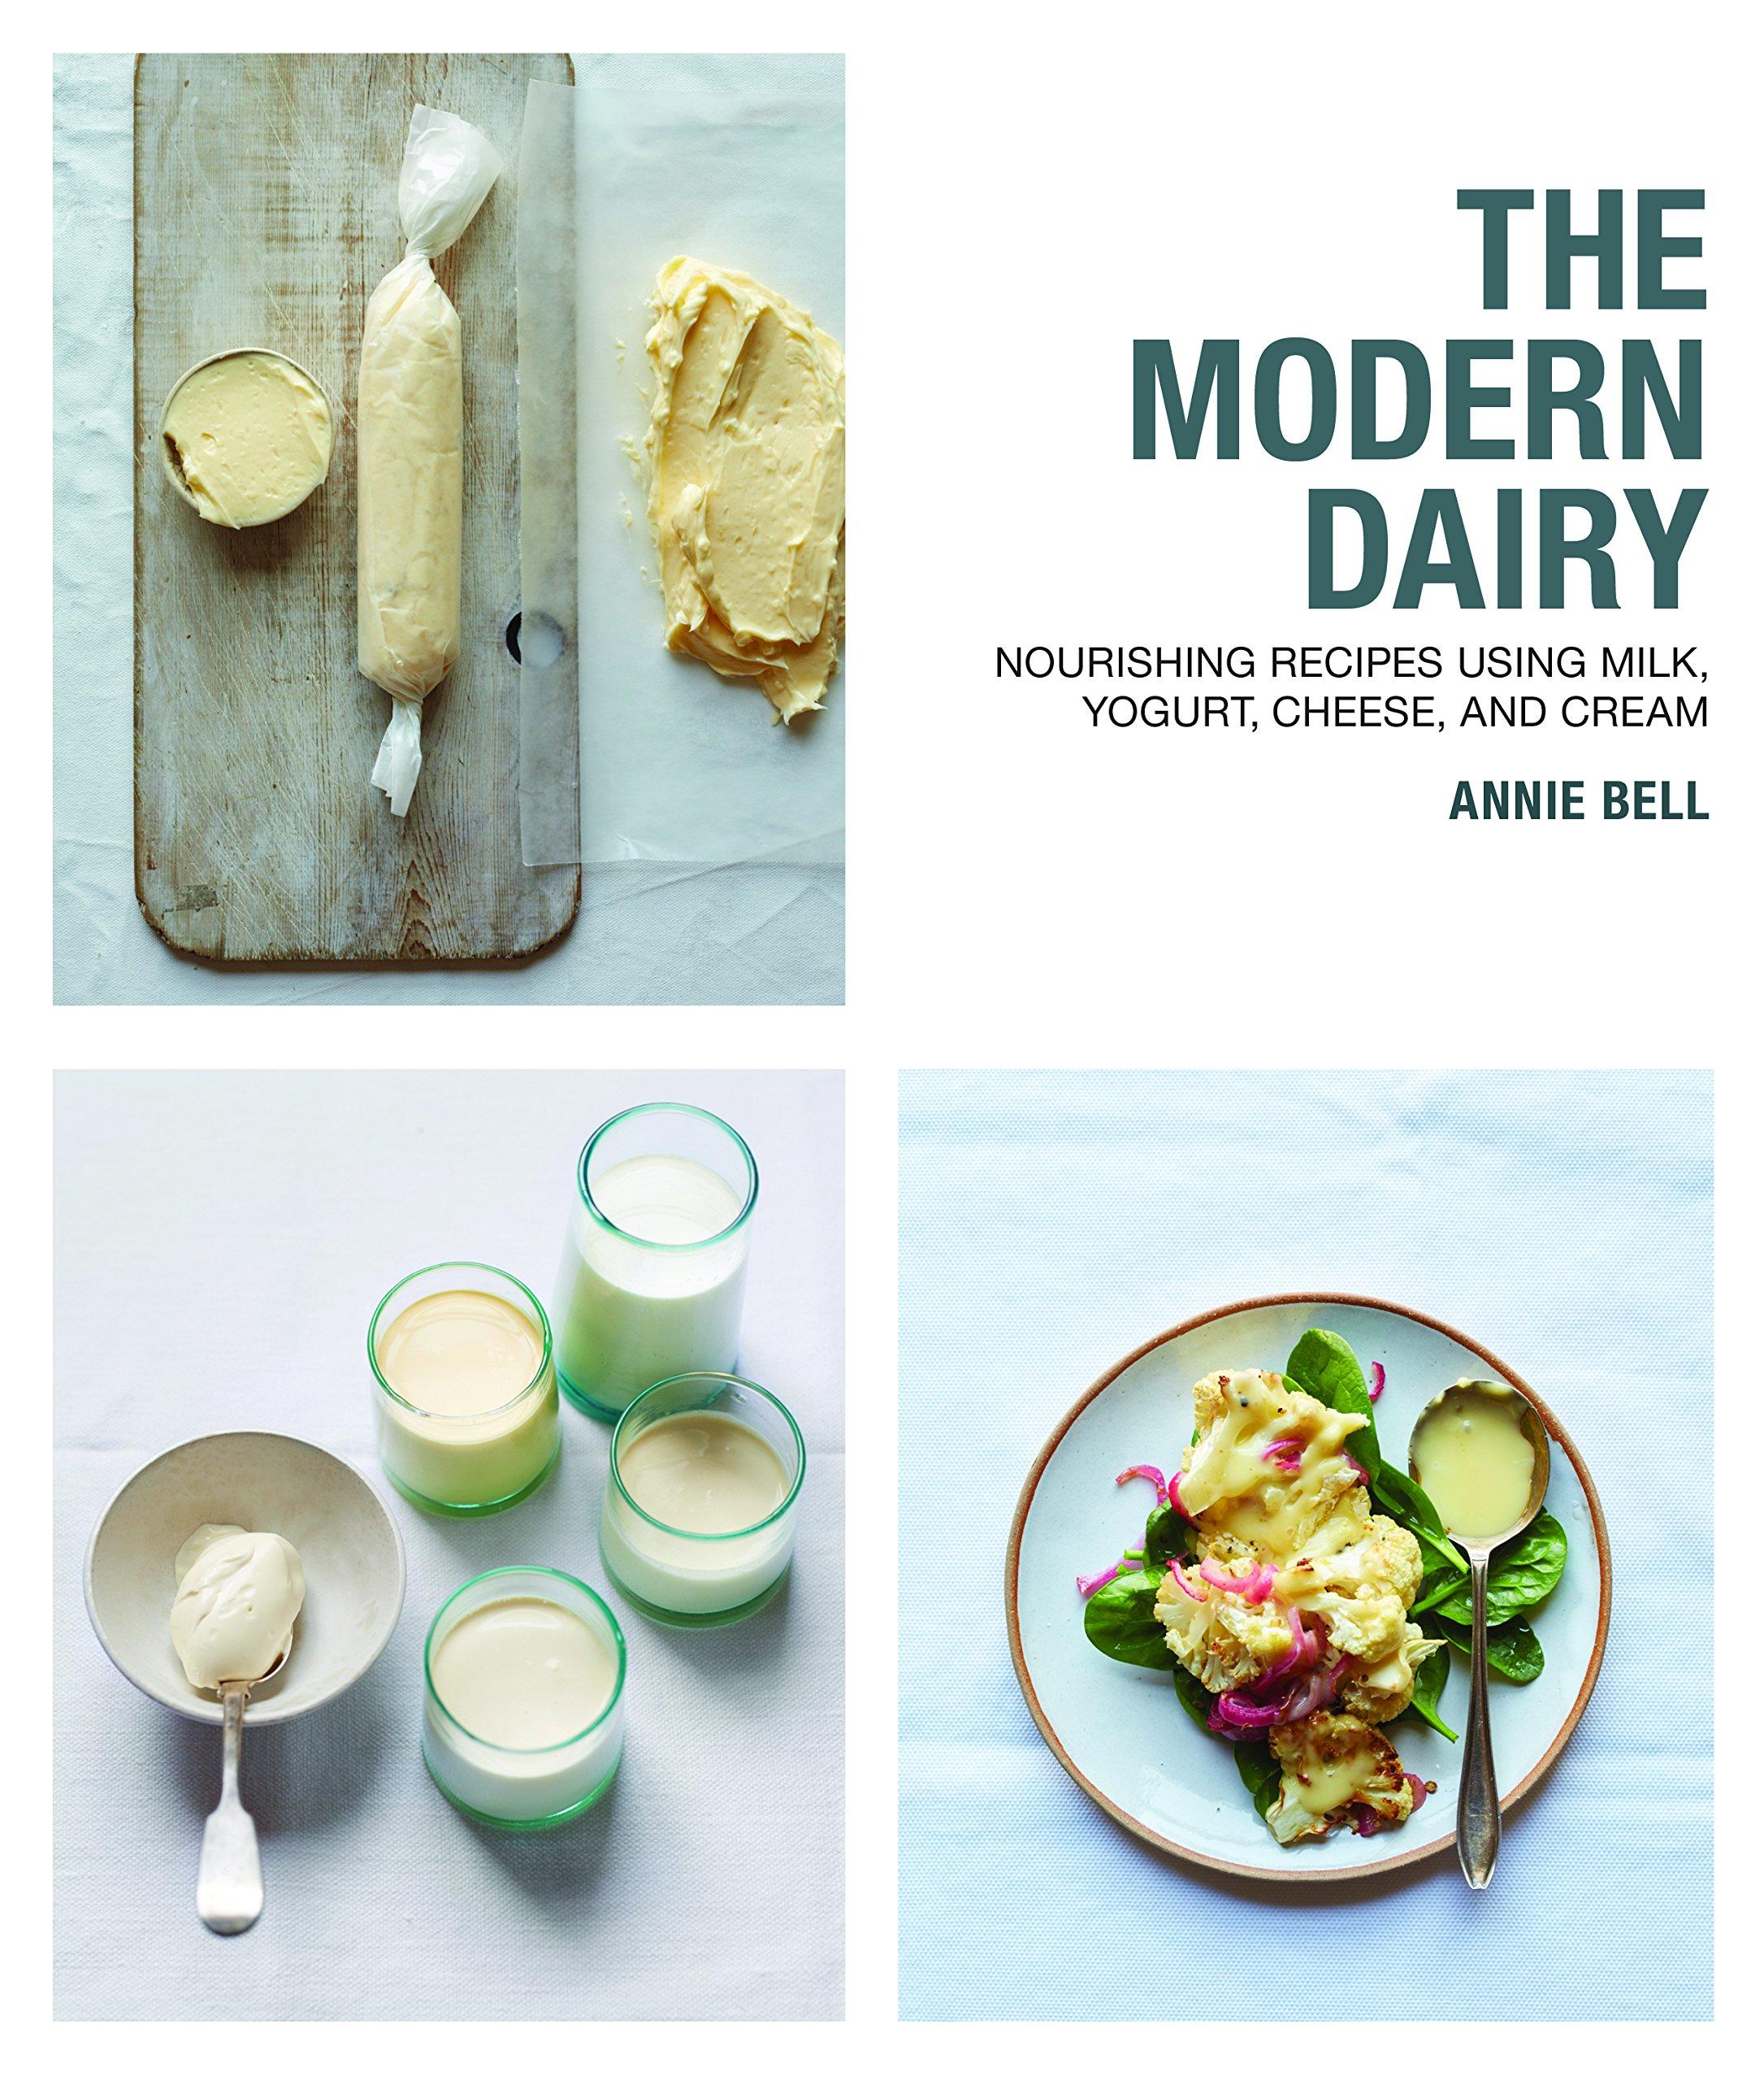 Modern Dairy Nourishing Recipes Using Milk Yogurt Cheese And Cream Bell Annie 9781909487826 Books Amazon Ca